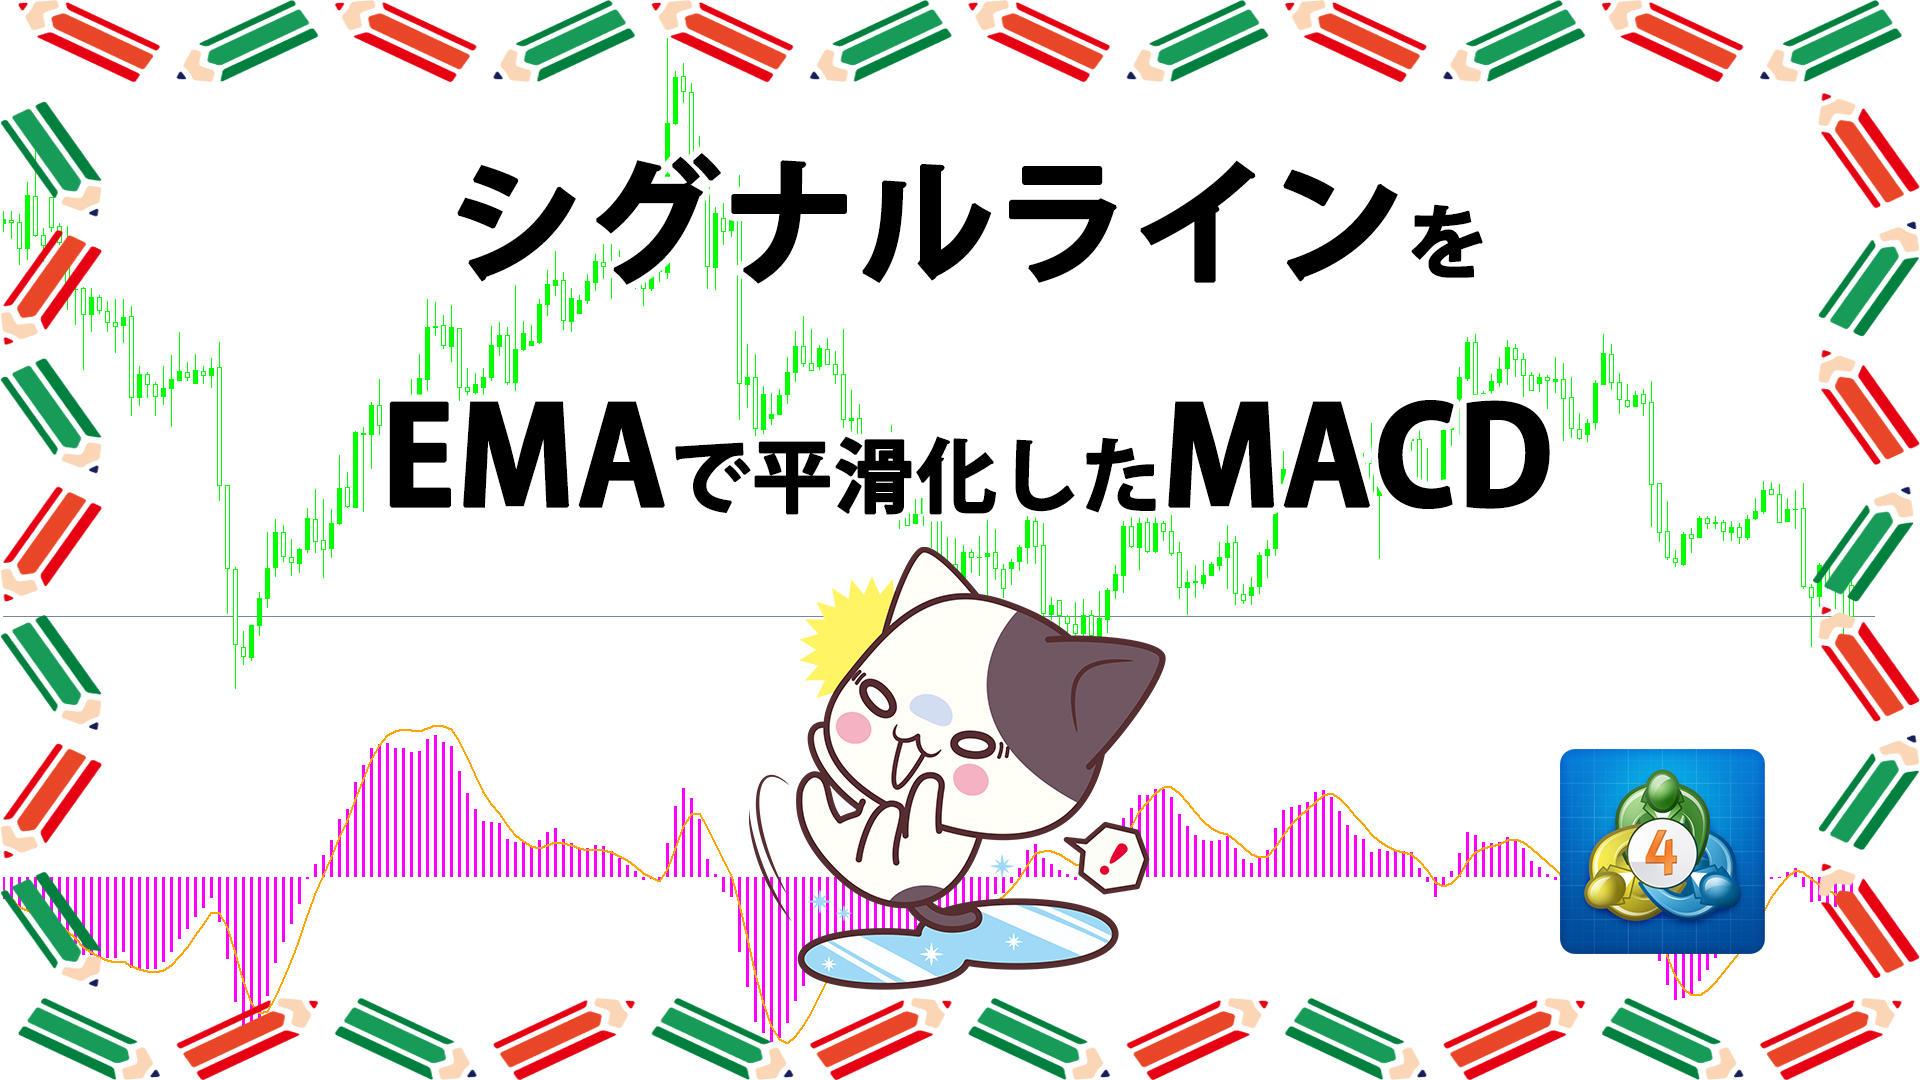 シグナルラインをEMAで平滑化したMACDを表示するMT4インジケータ-「zlagmacd」